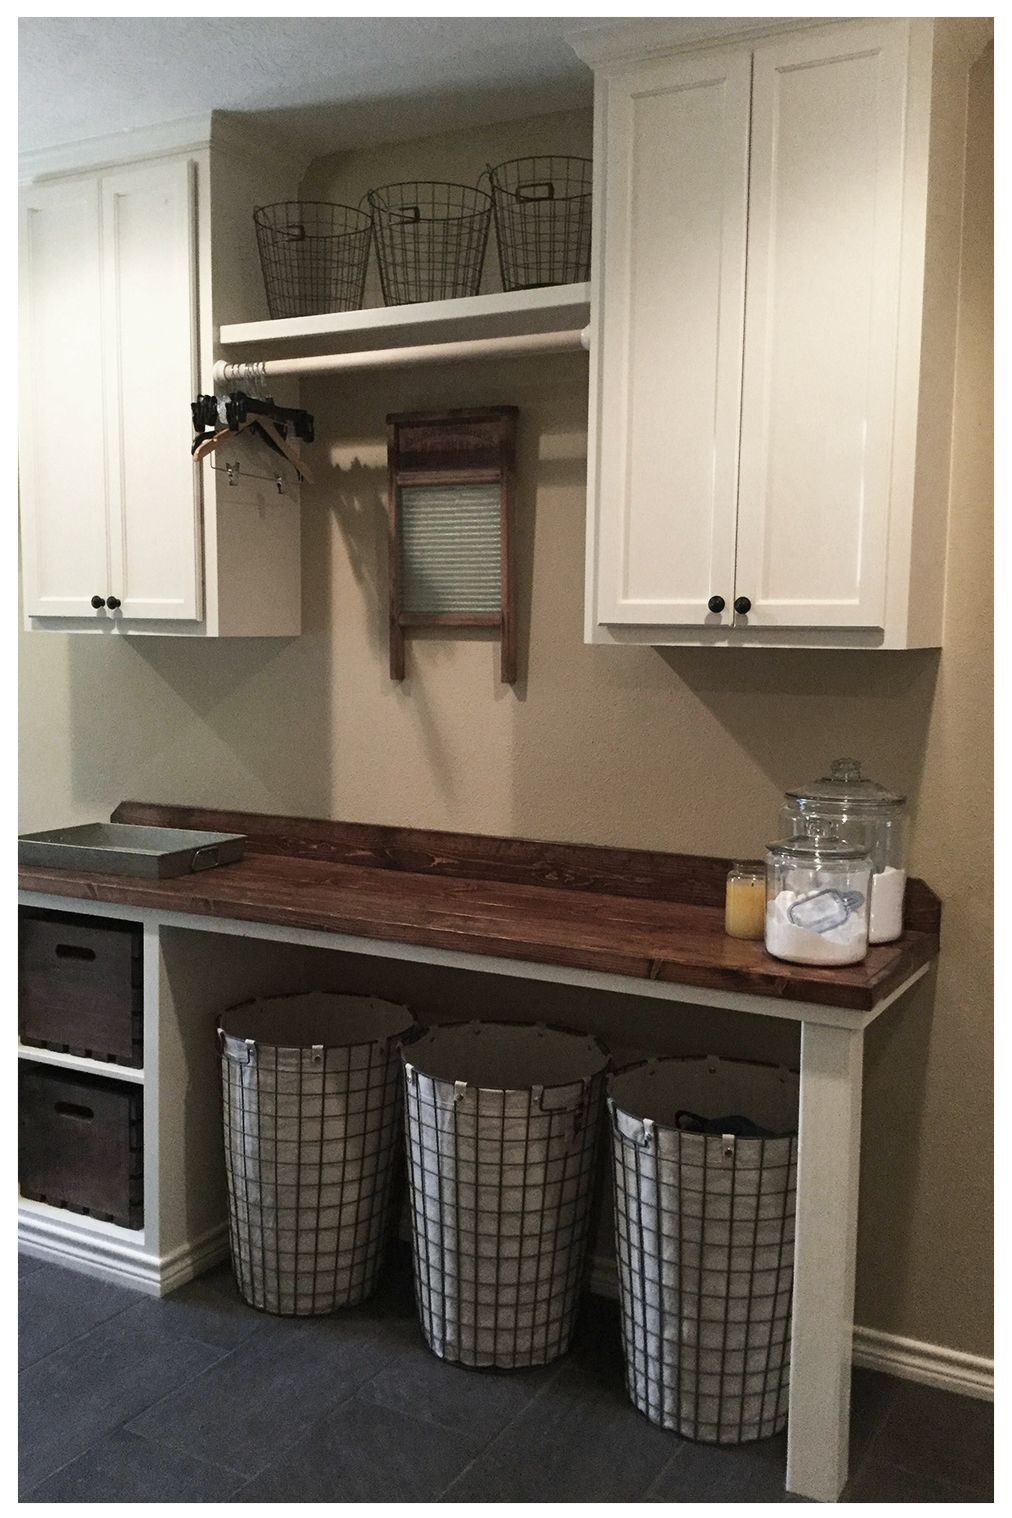 20 Amazing Unfinished Basement Ideas You Should Try Basement Laundry Room Makeover Laundry Room Shelves Laundry Room Diy